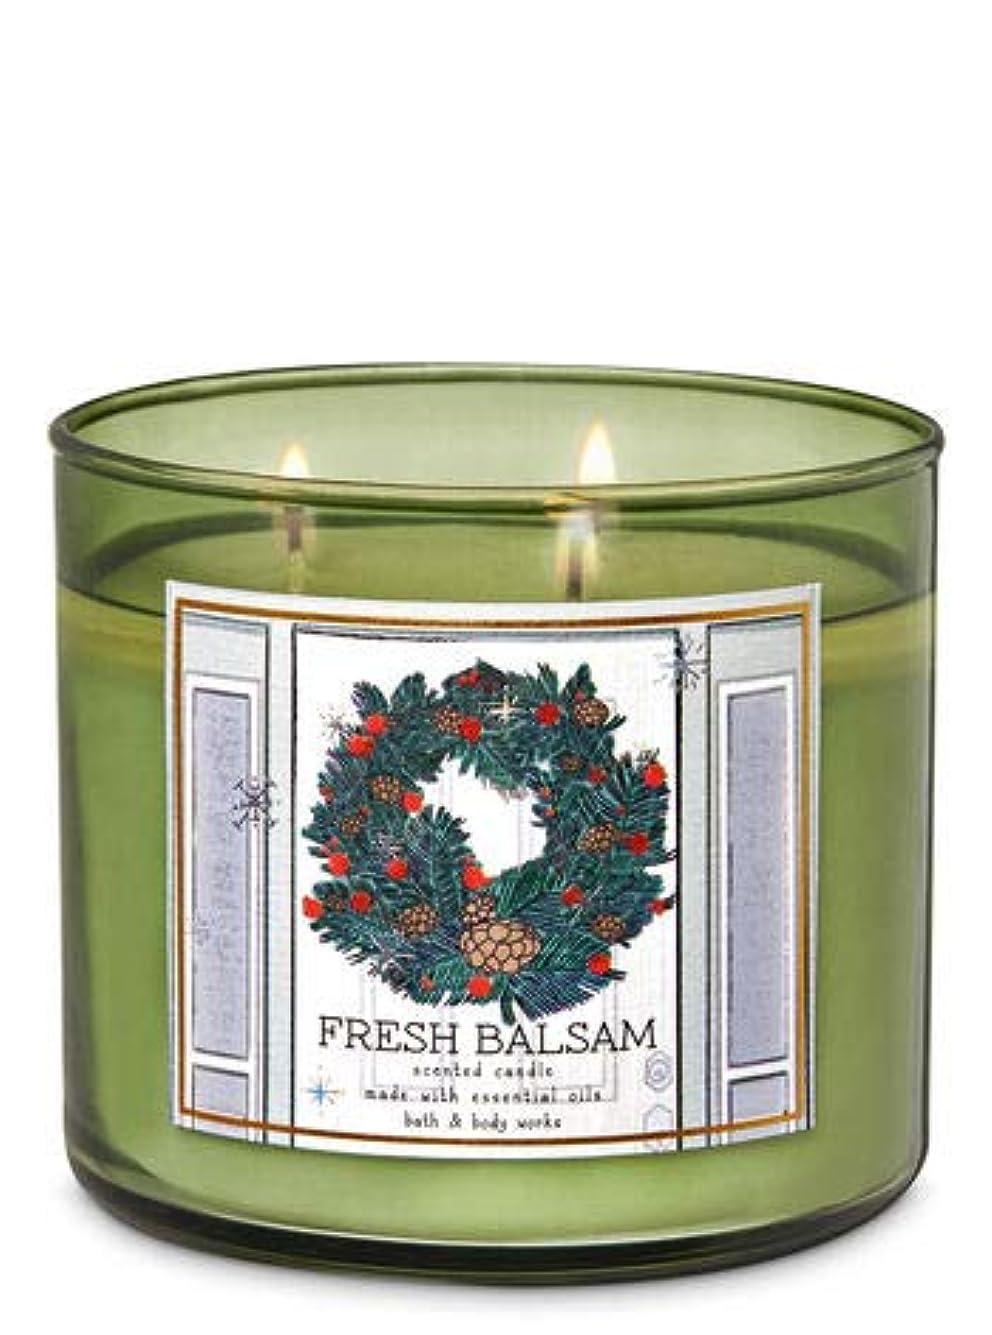 を必要としています証言する忌避剤【Bath&Body Works/バス&ボディワークス】 アロマキャンドル フレッシュバルサム 3-Wick Scented Candle Fresh Balsam 14.5oz/411g [並行輸入品]